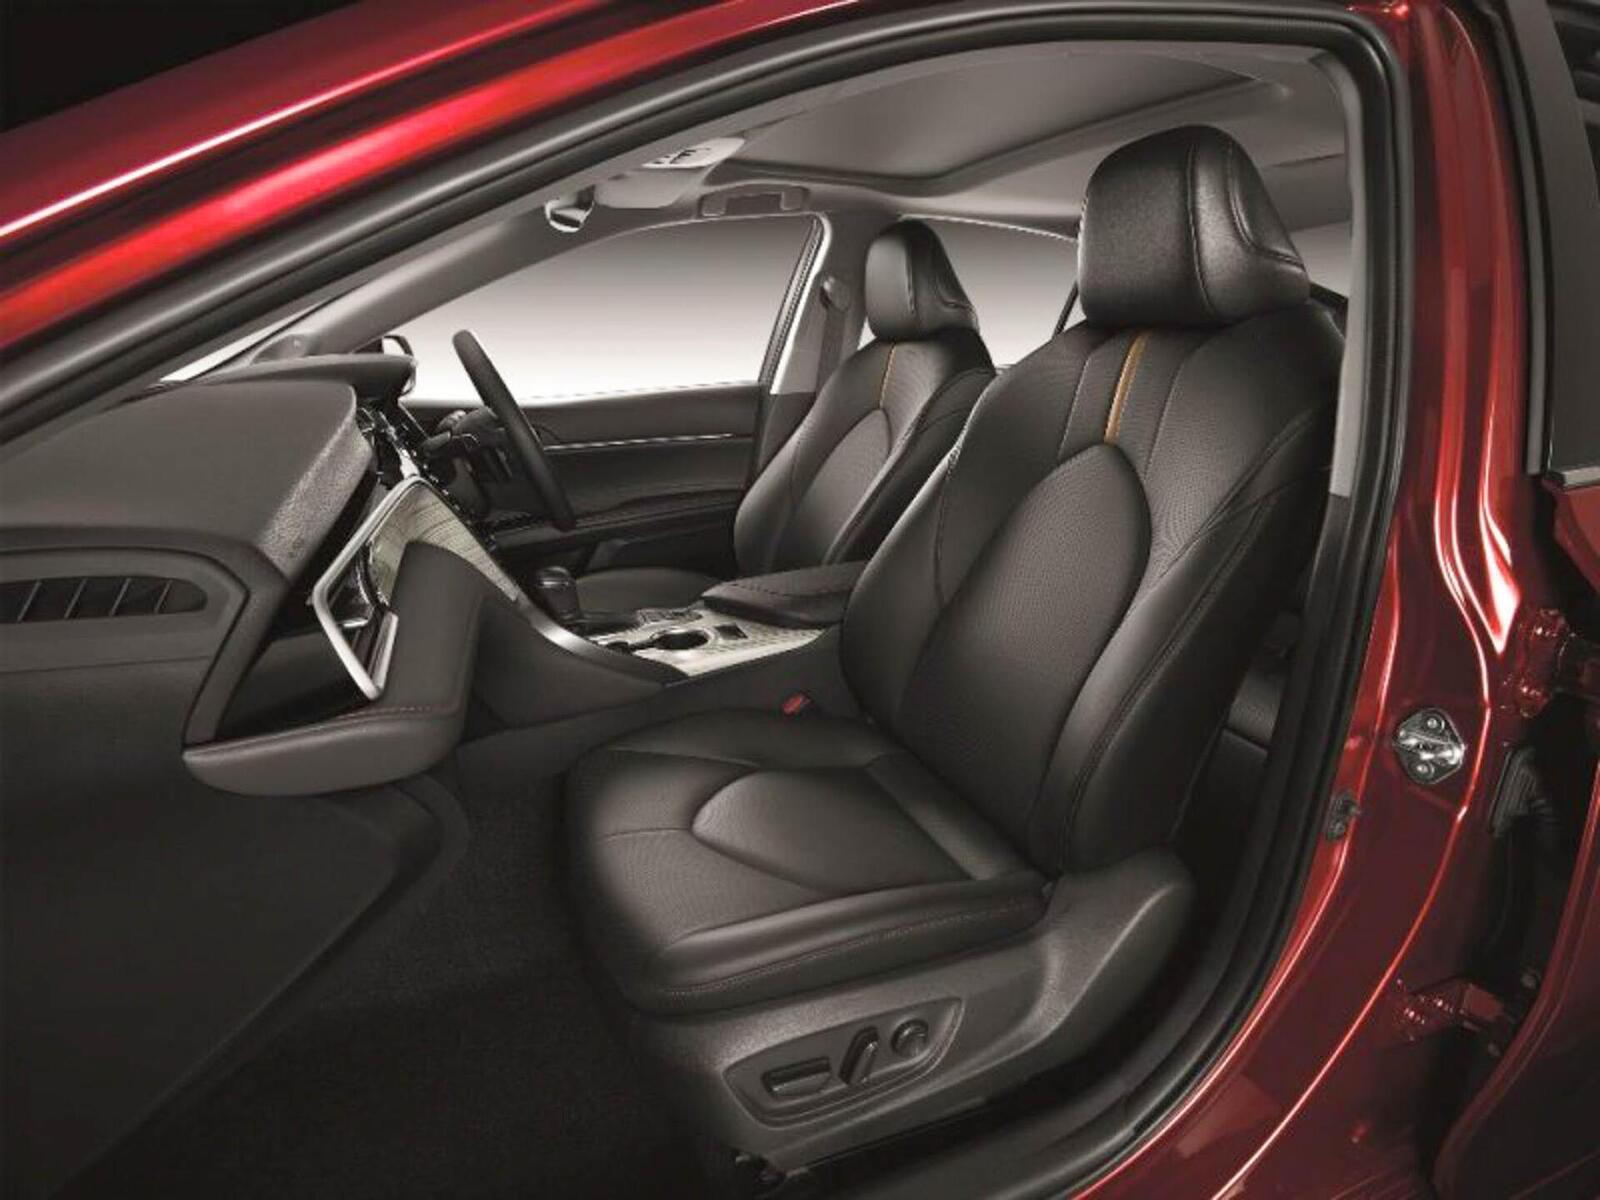 Toyota Camry thế hệ mới đã về đến Việt Nam - Chuẩn bị ra mắt công chúng - Hình 10